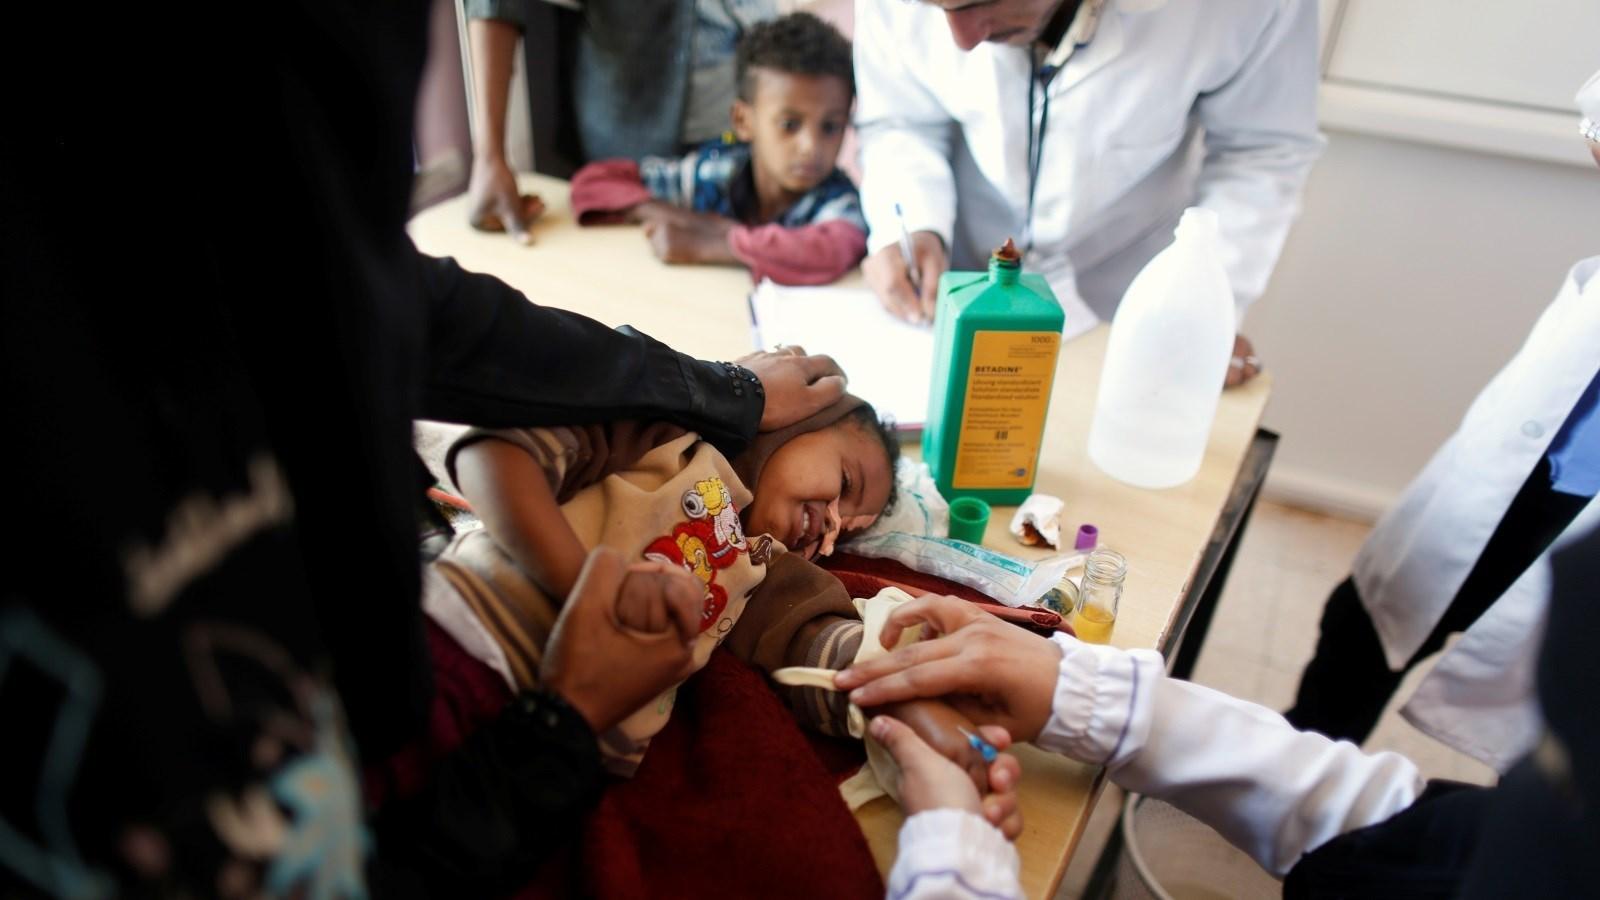 حكومة صنعاء: قرار التصنيف الأميركي سيساهم في تأزيم الوضع الإنساني في اليمن